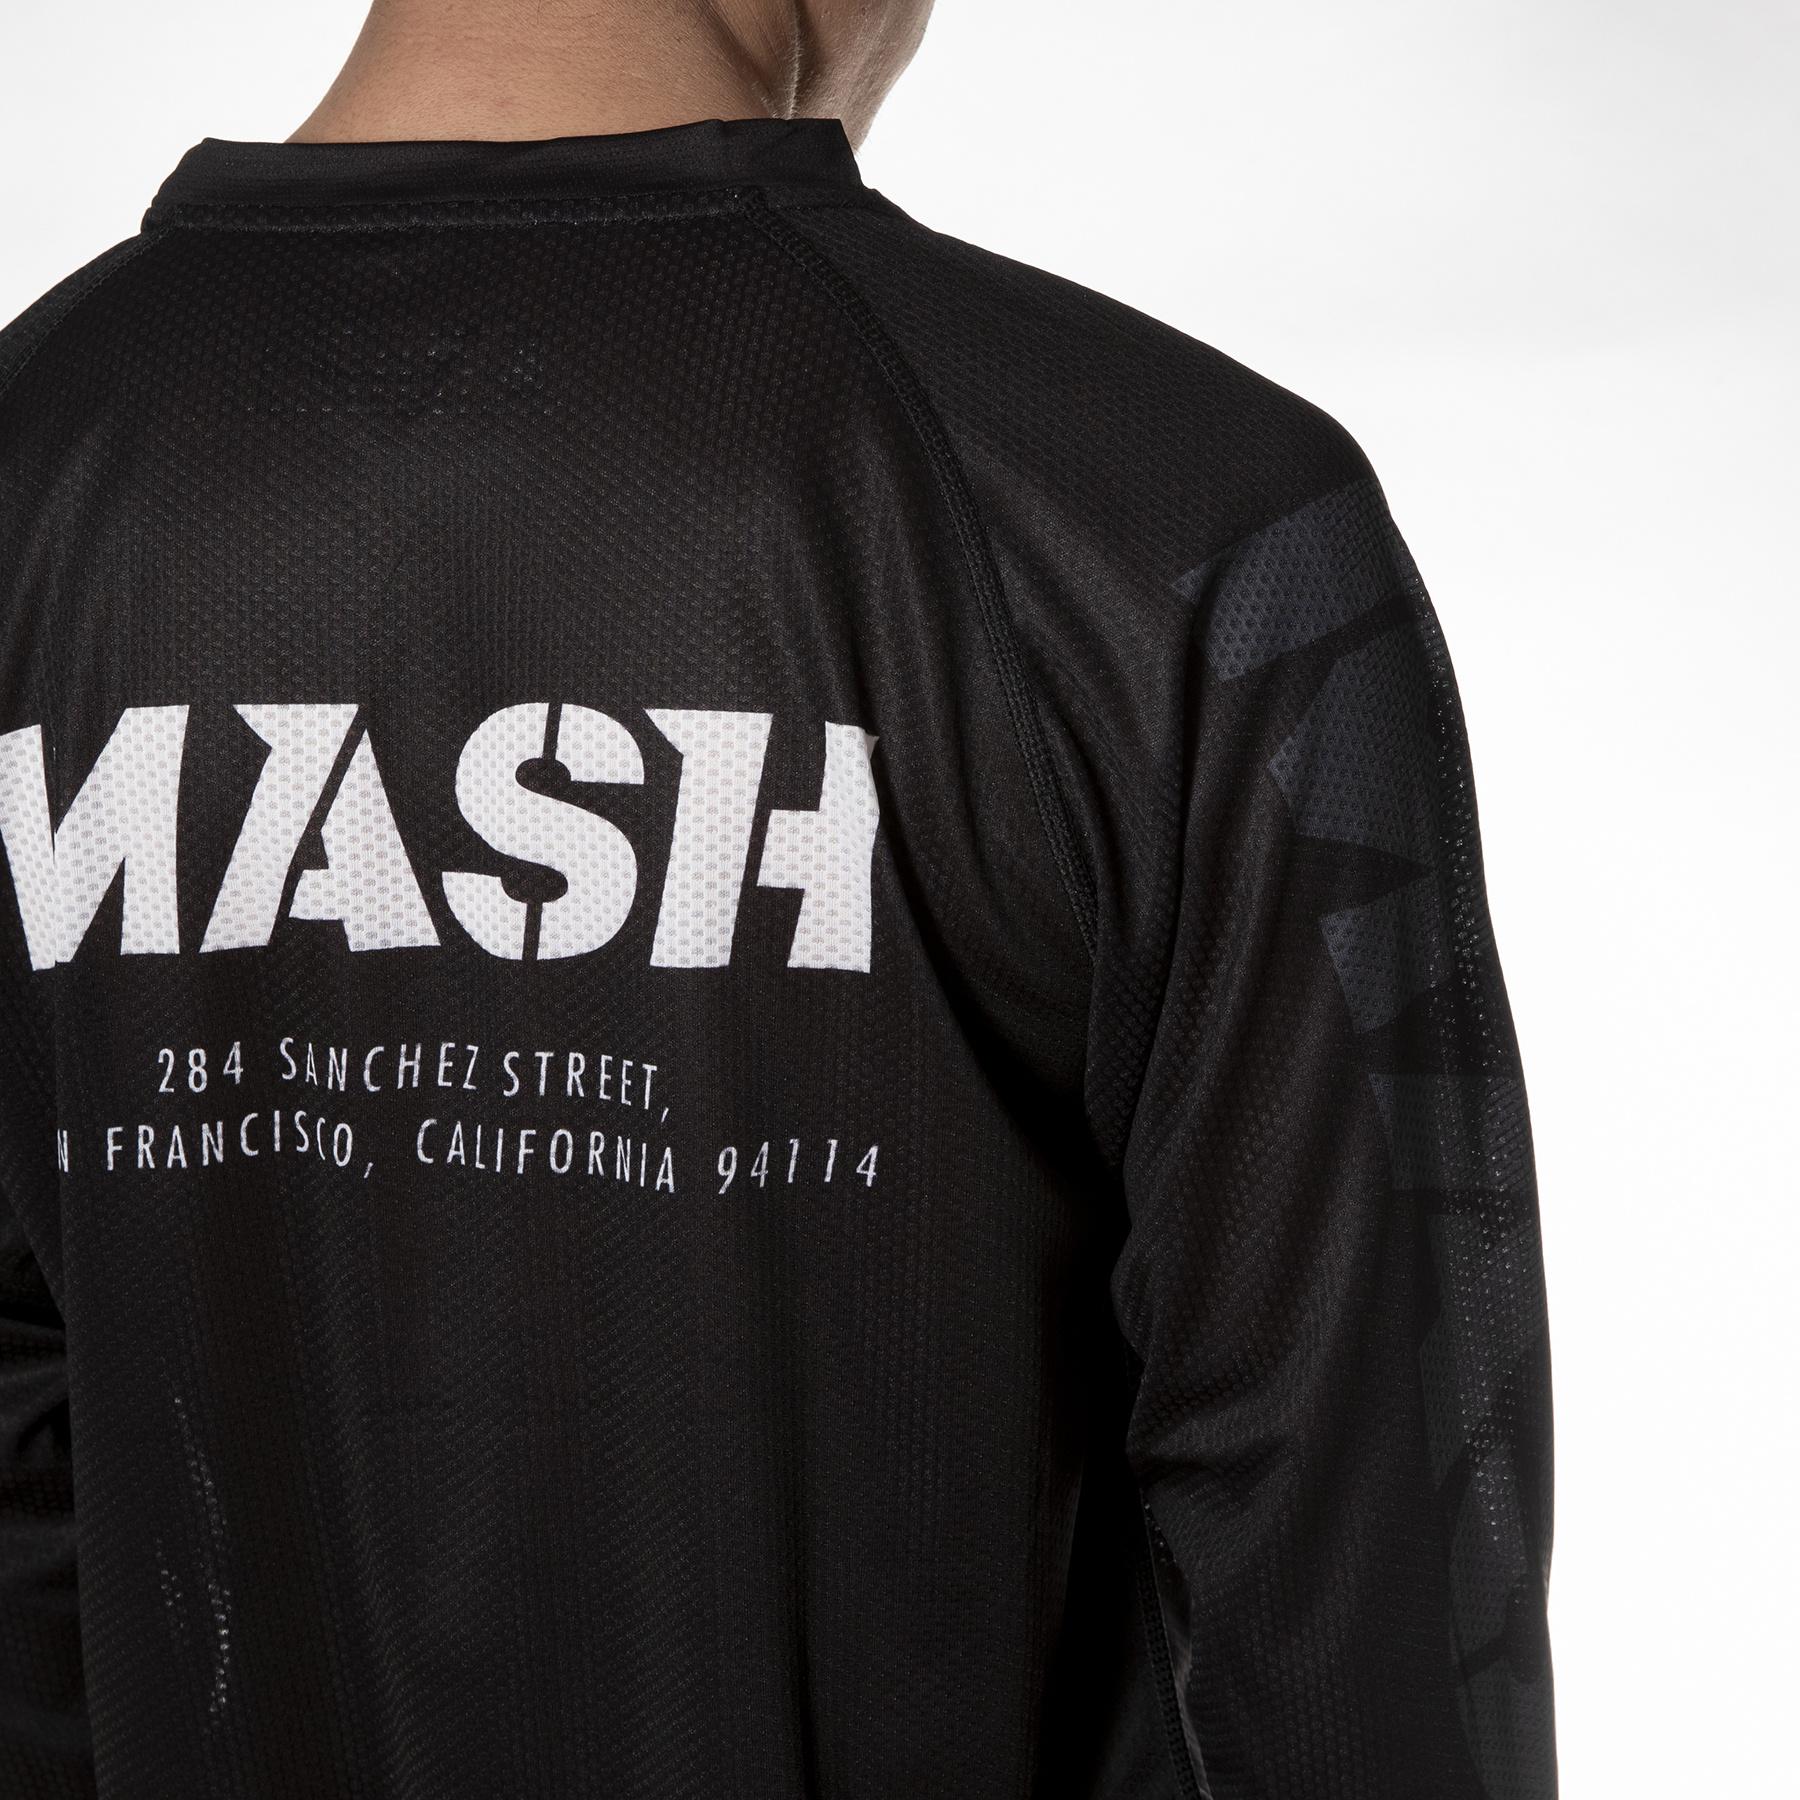 MASH Shop Jersey  L/S  2.0 Black